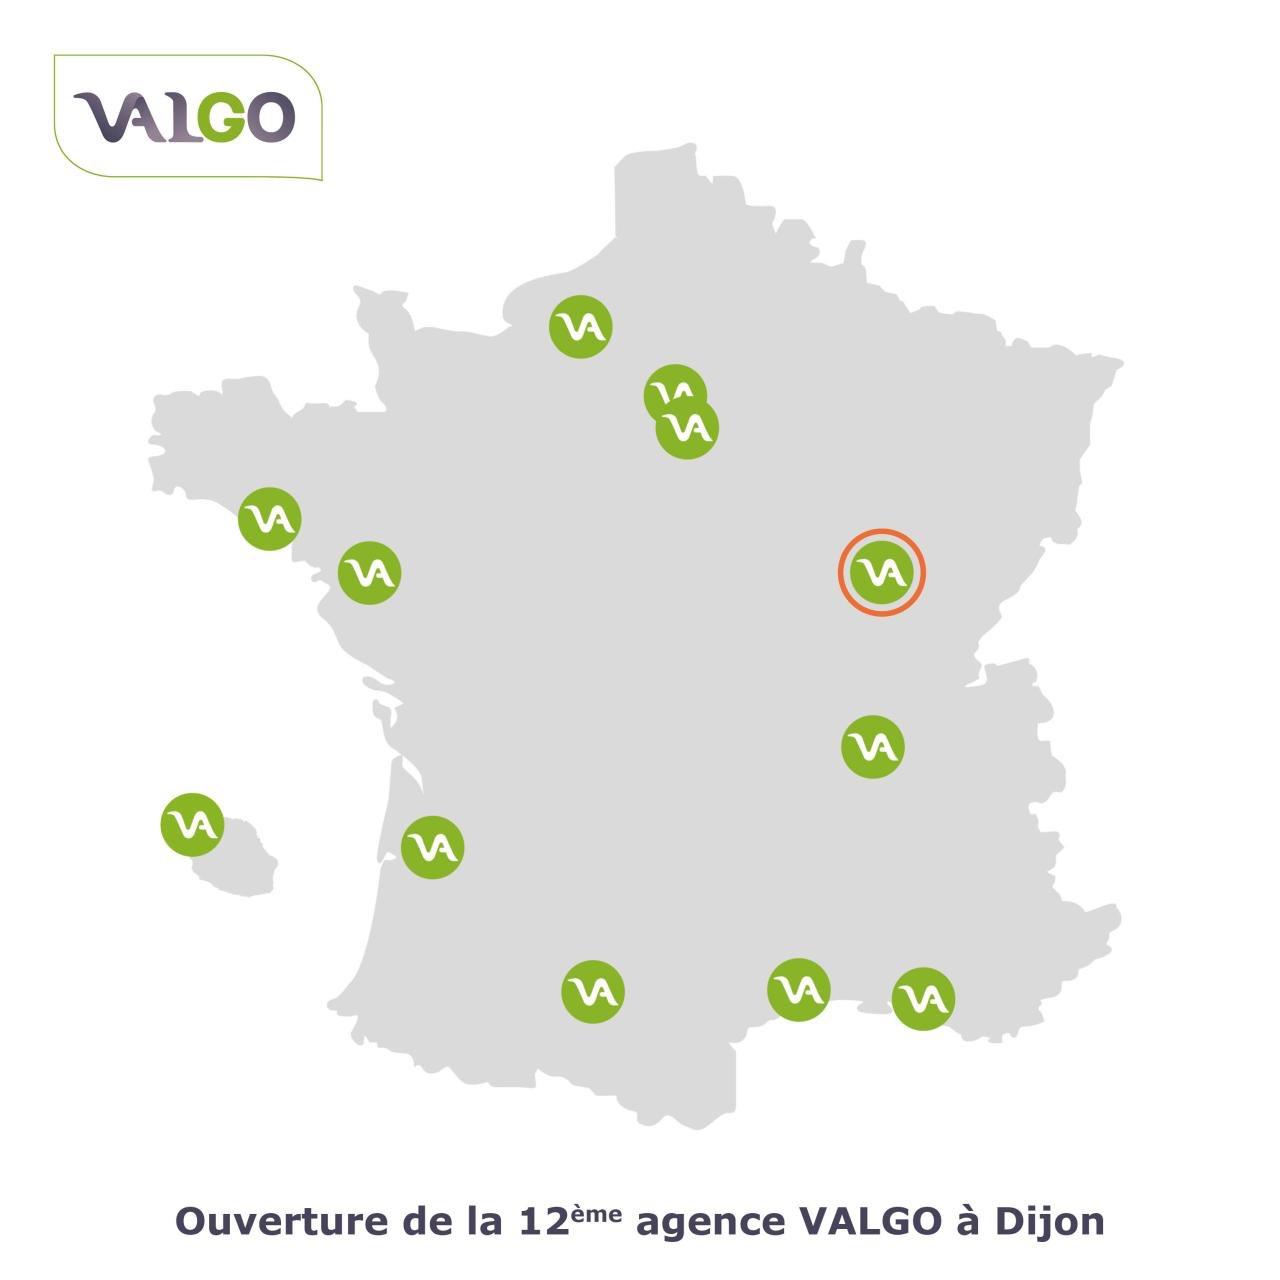 Carte de France avec les différents implantation de l'entreprise de dépollution VALGO